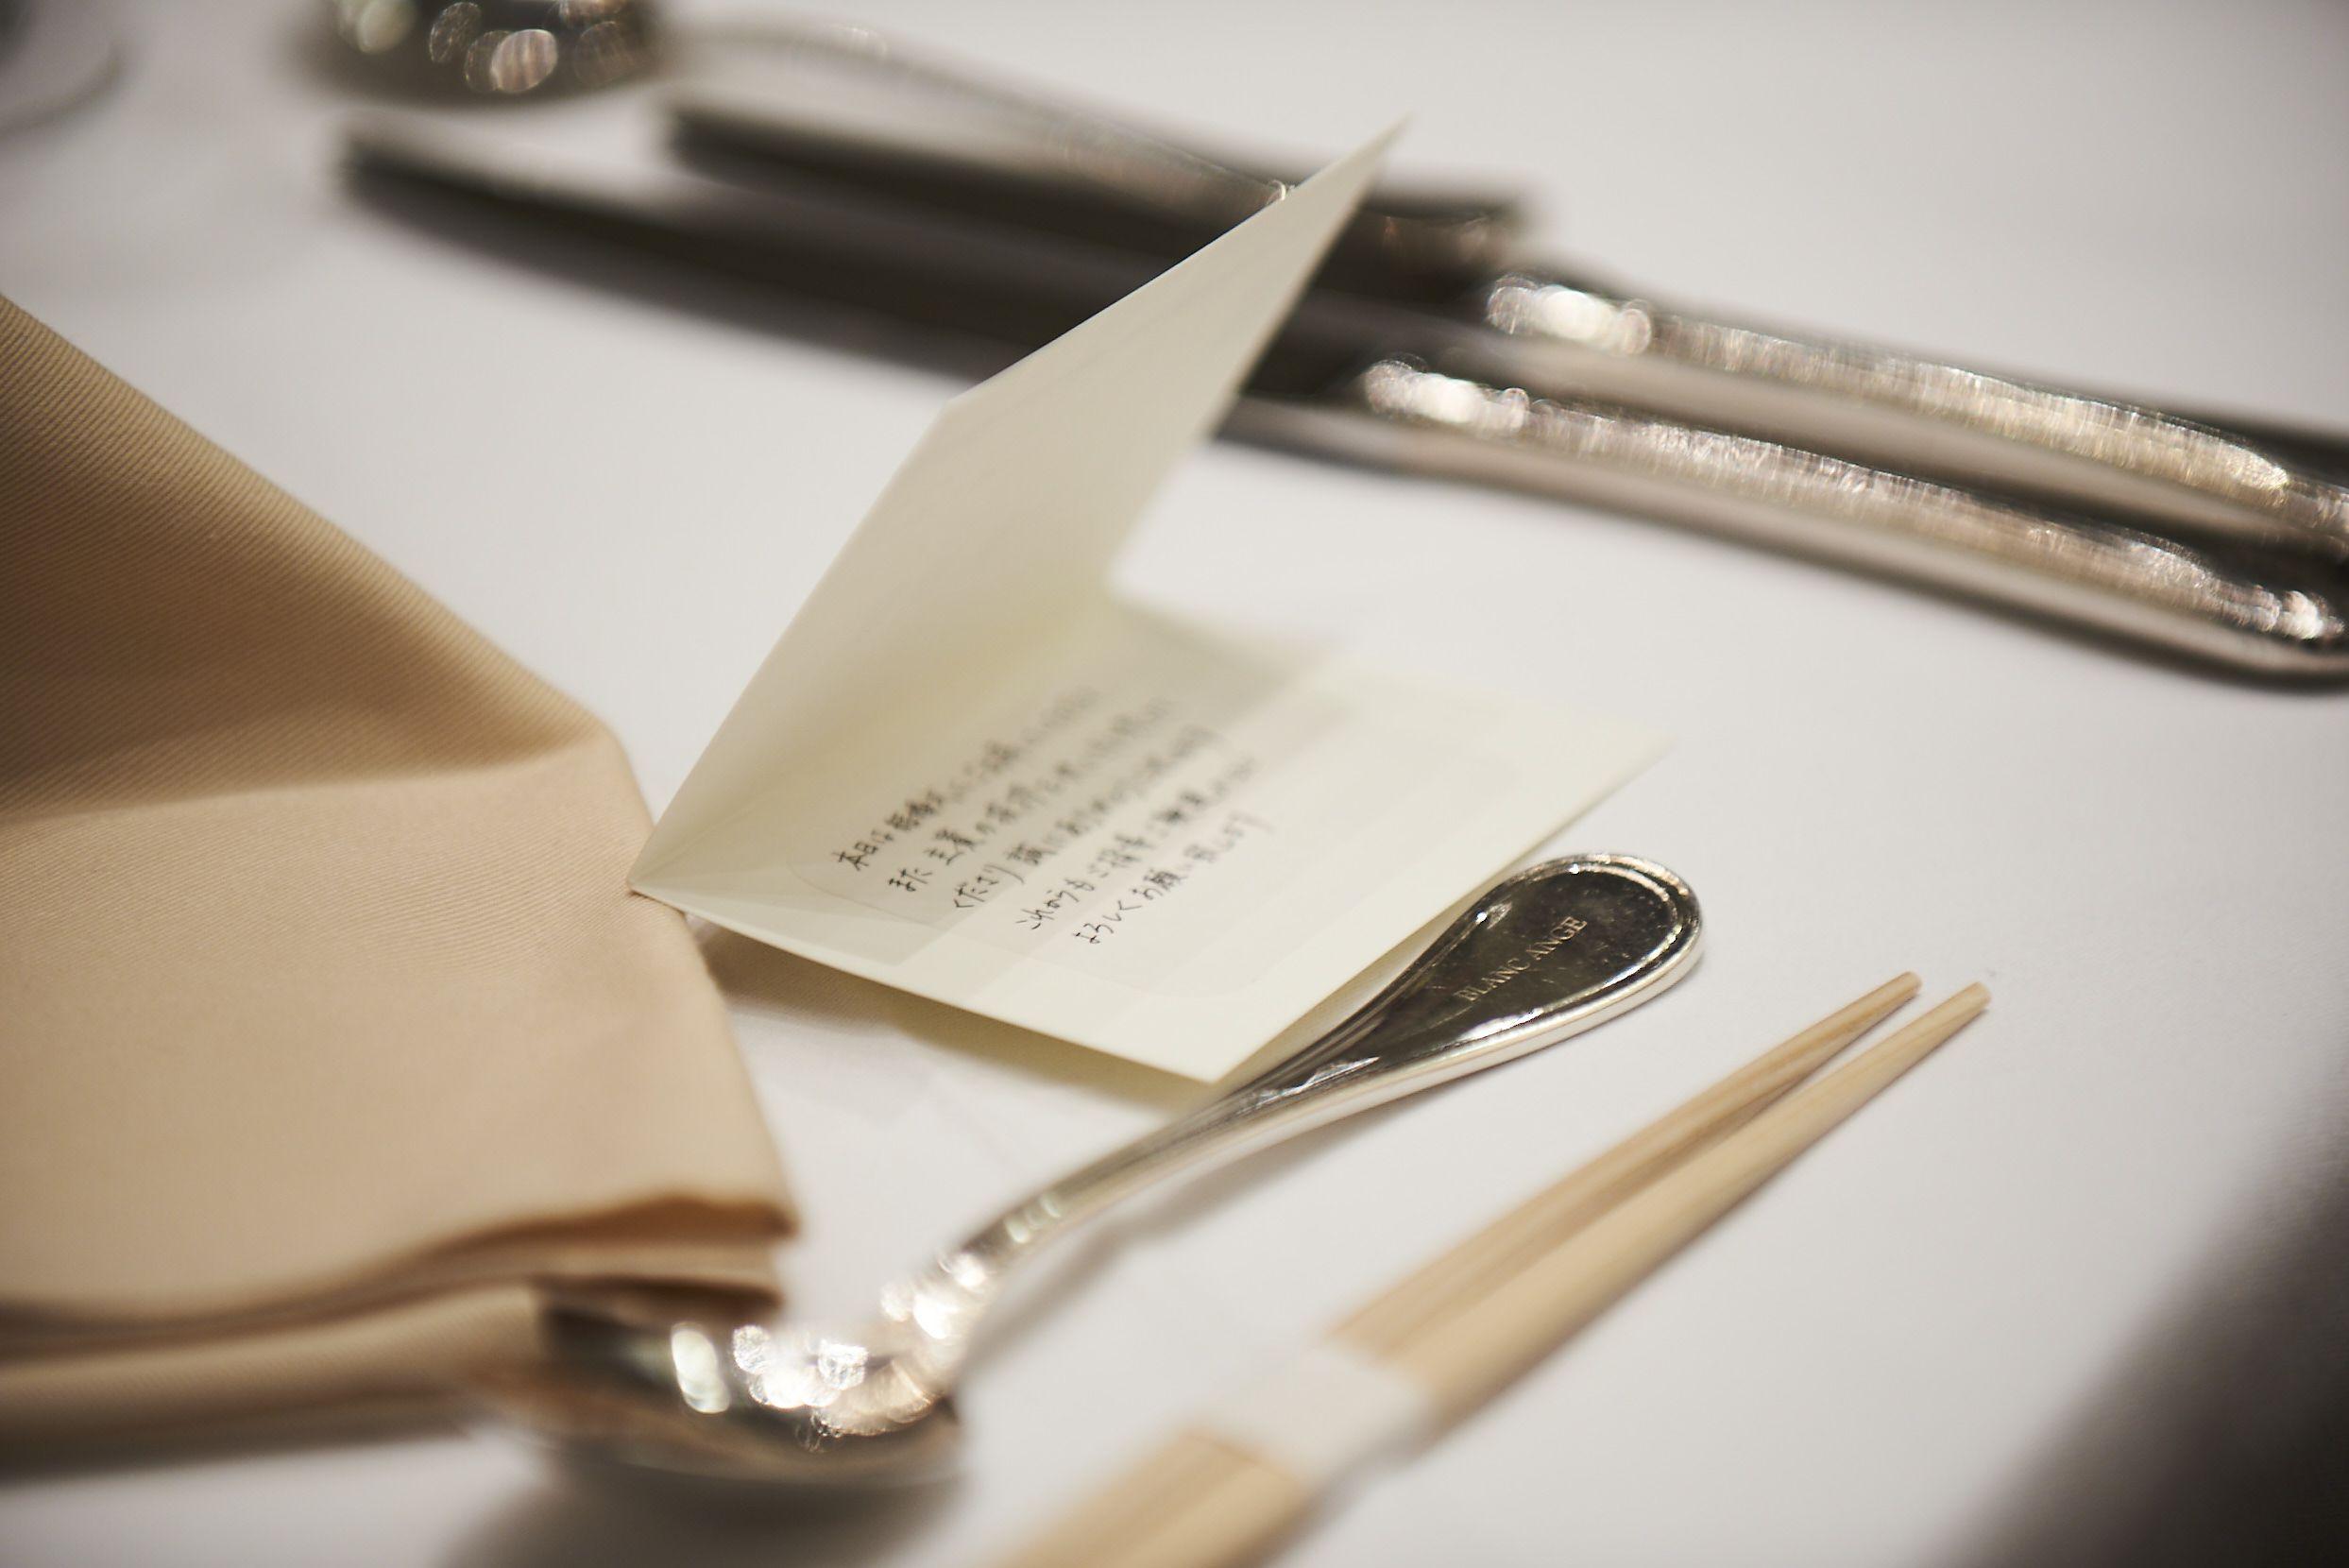 徳島市の結婚式場ブランアンジュでゲストに向けた席札メッセージ